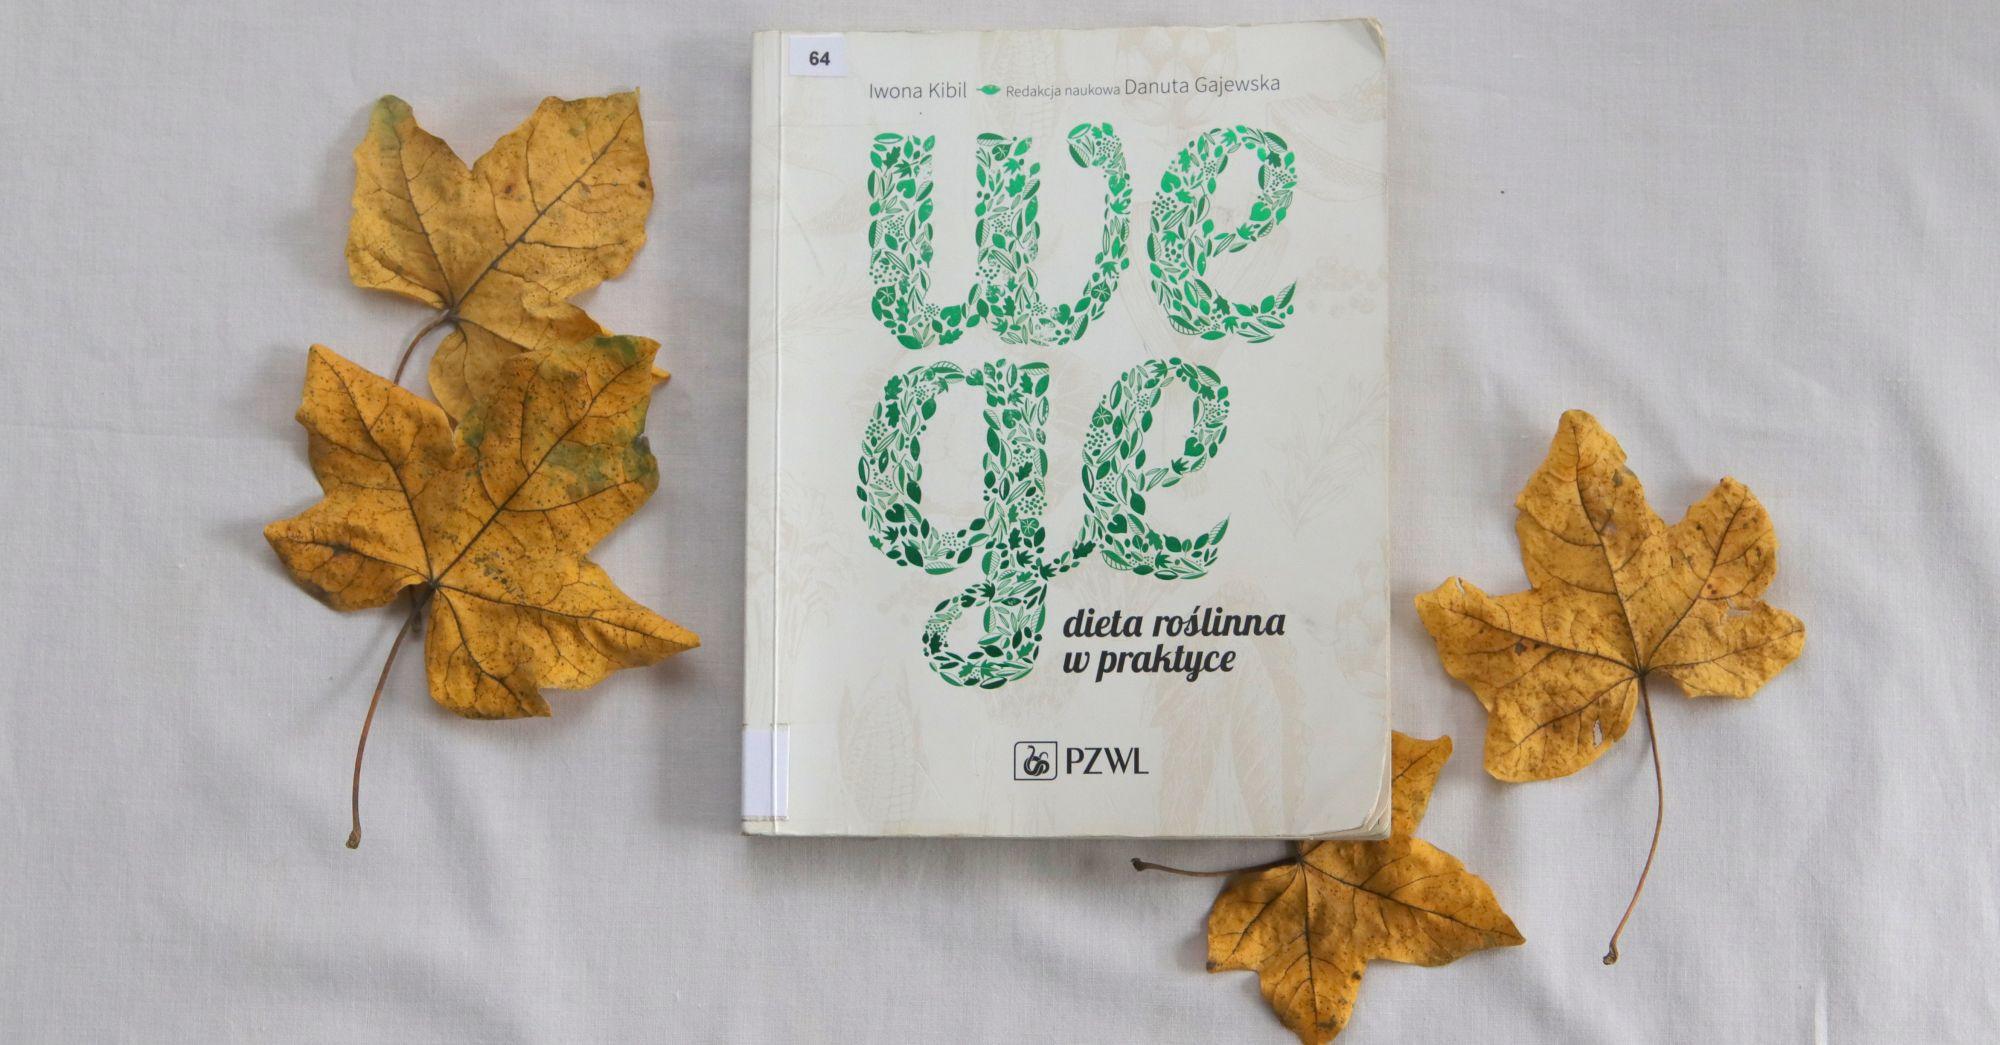 """Gdzie szukać informacji o diecie wegańskiej – o książce """"Wege dieta roślinna w praktyce"""" Iwony Kibil"""